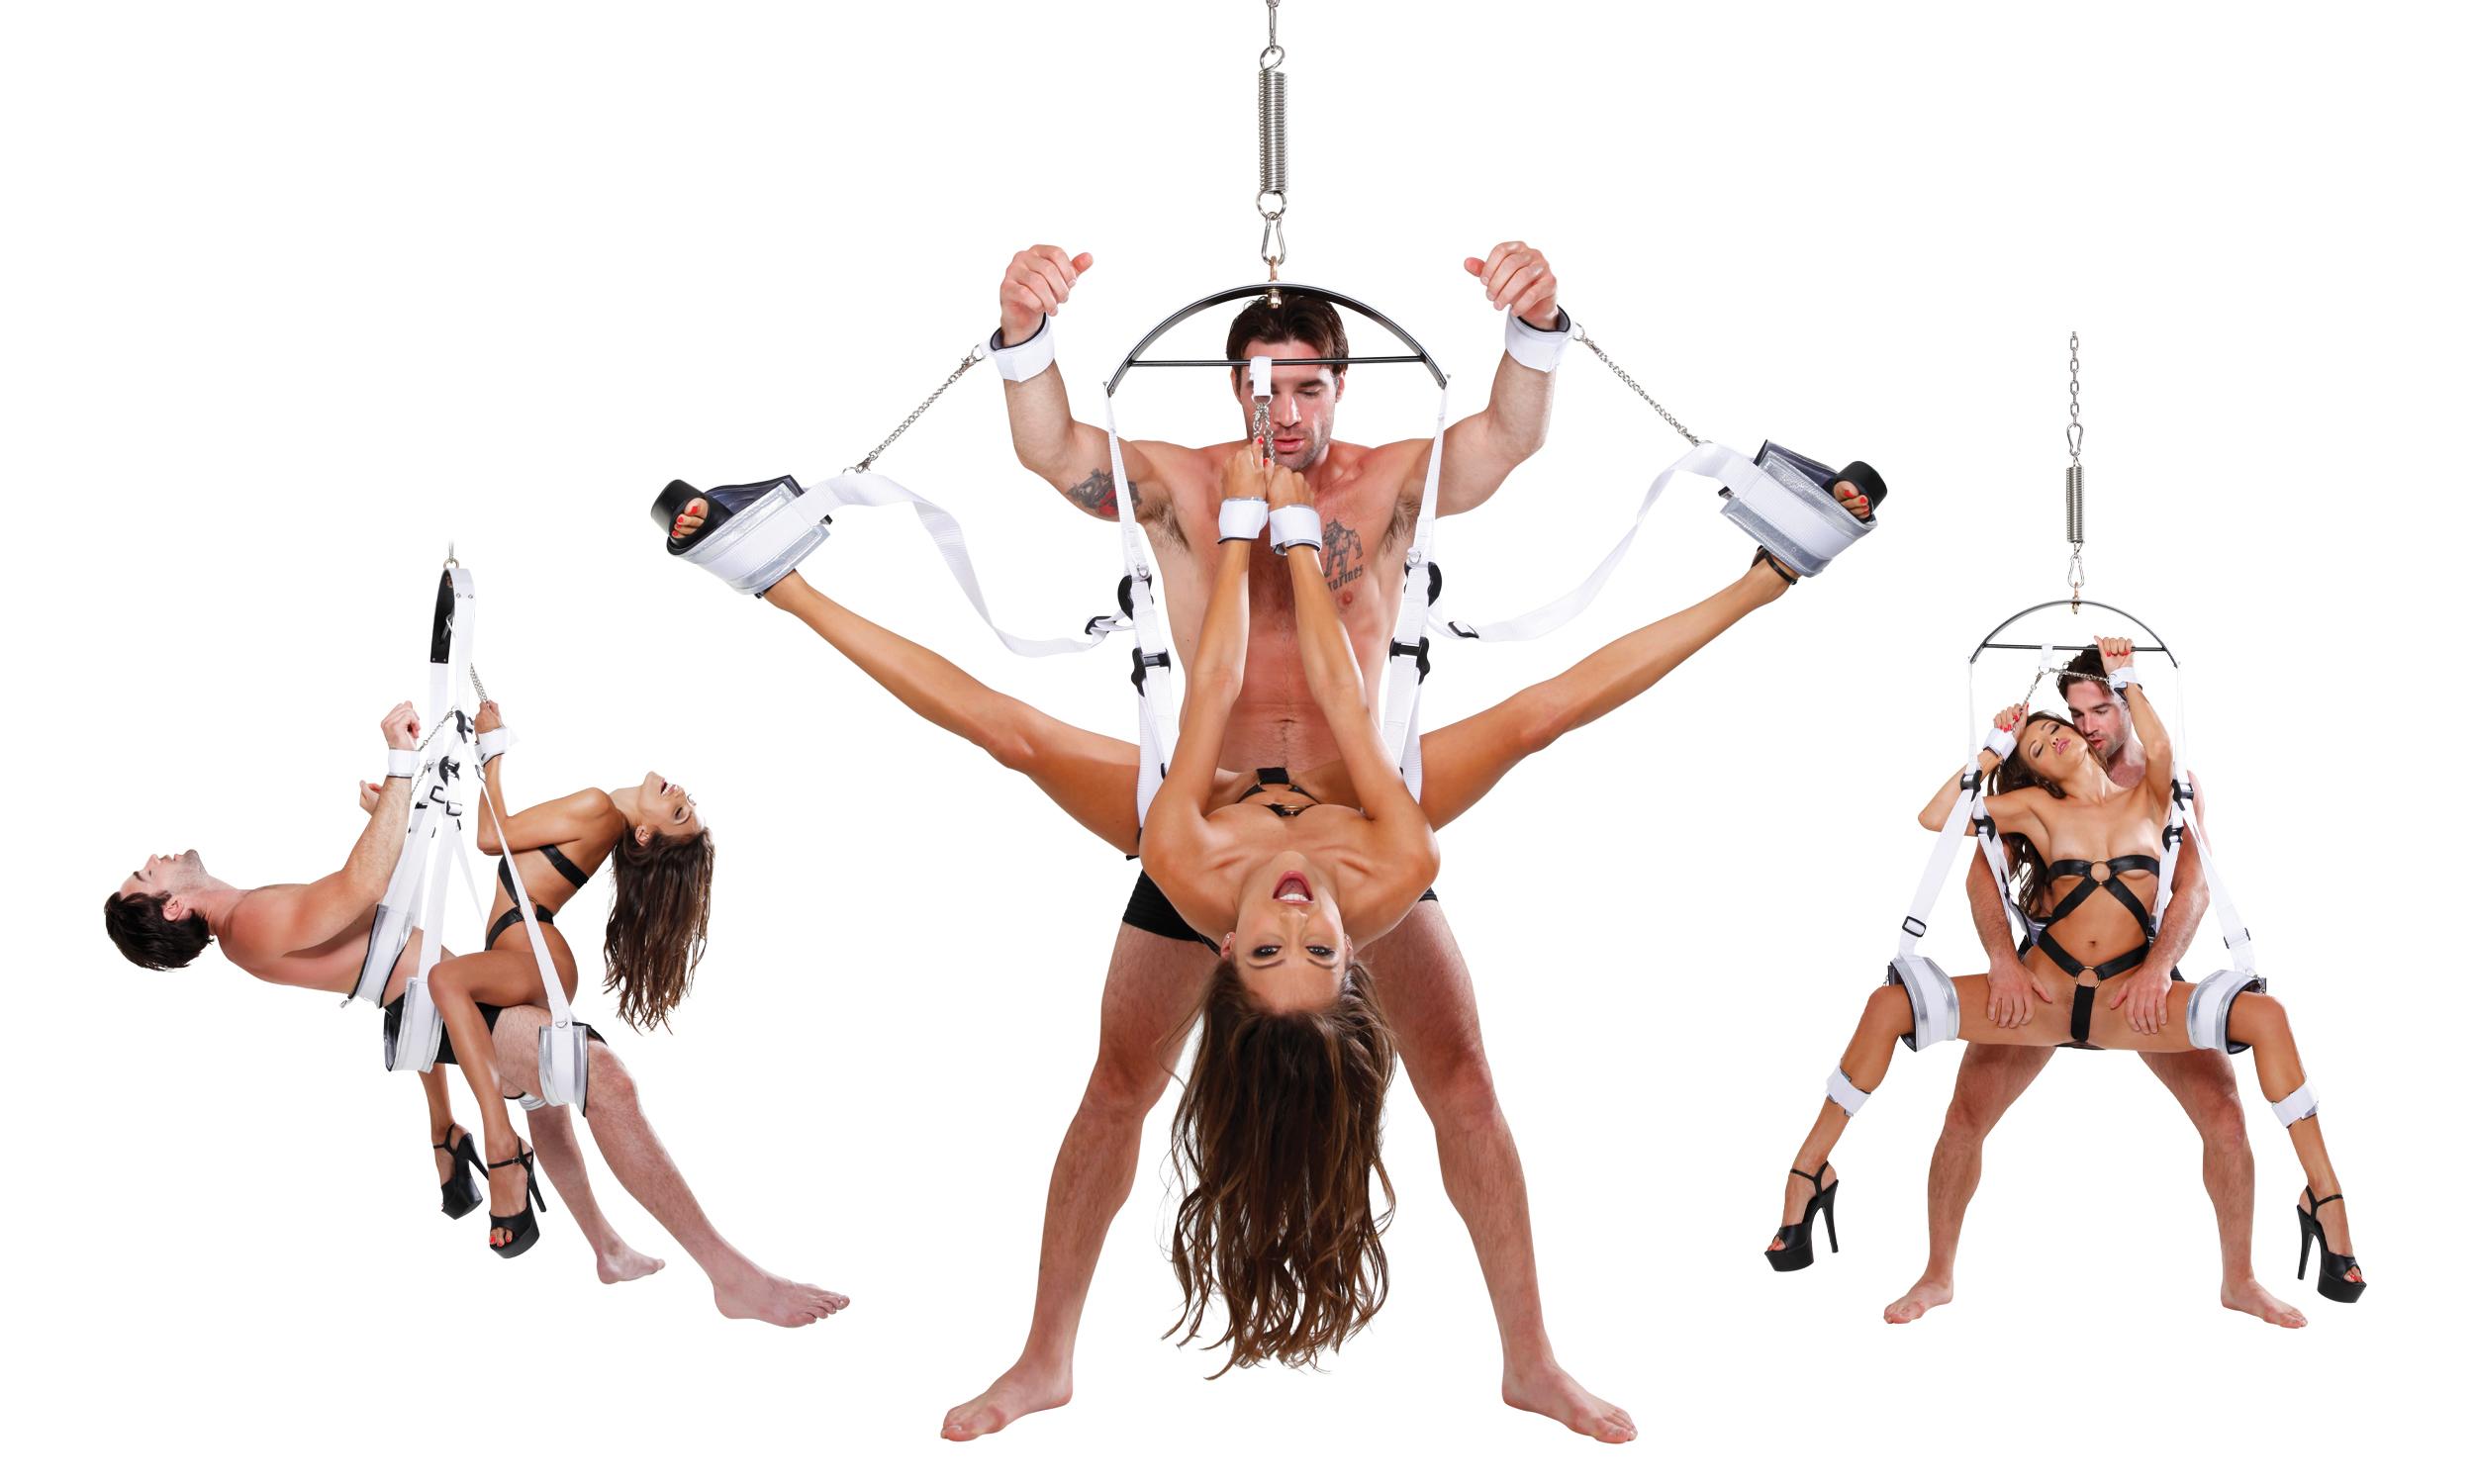 Фантазии в сексе с игрушками 23 фотография